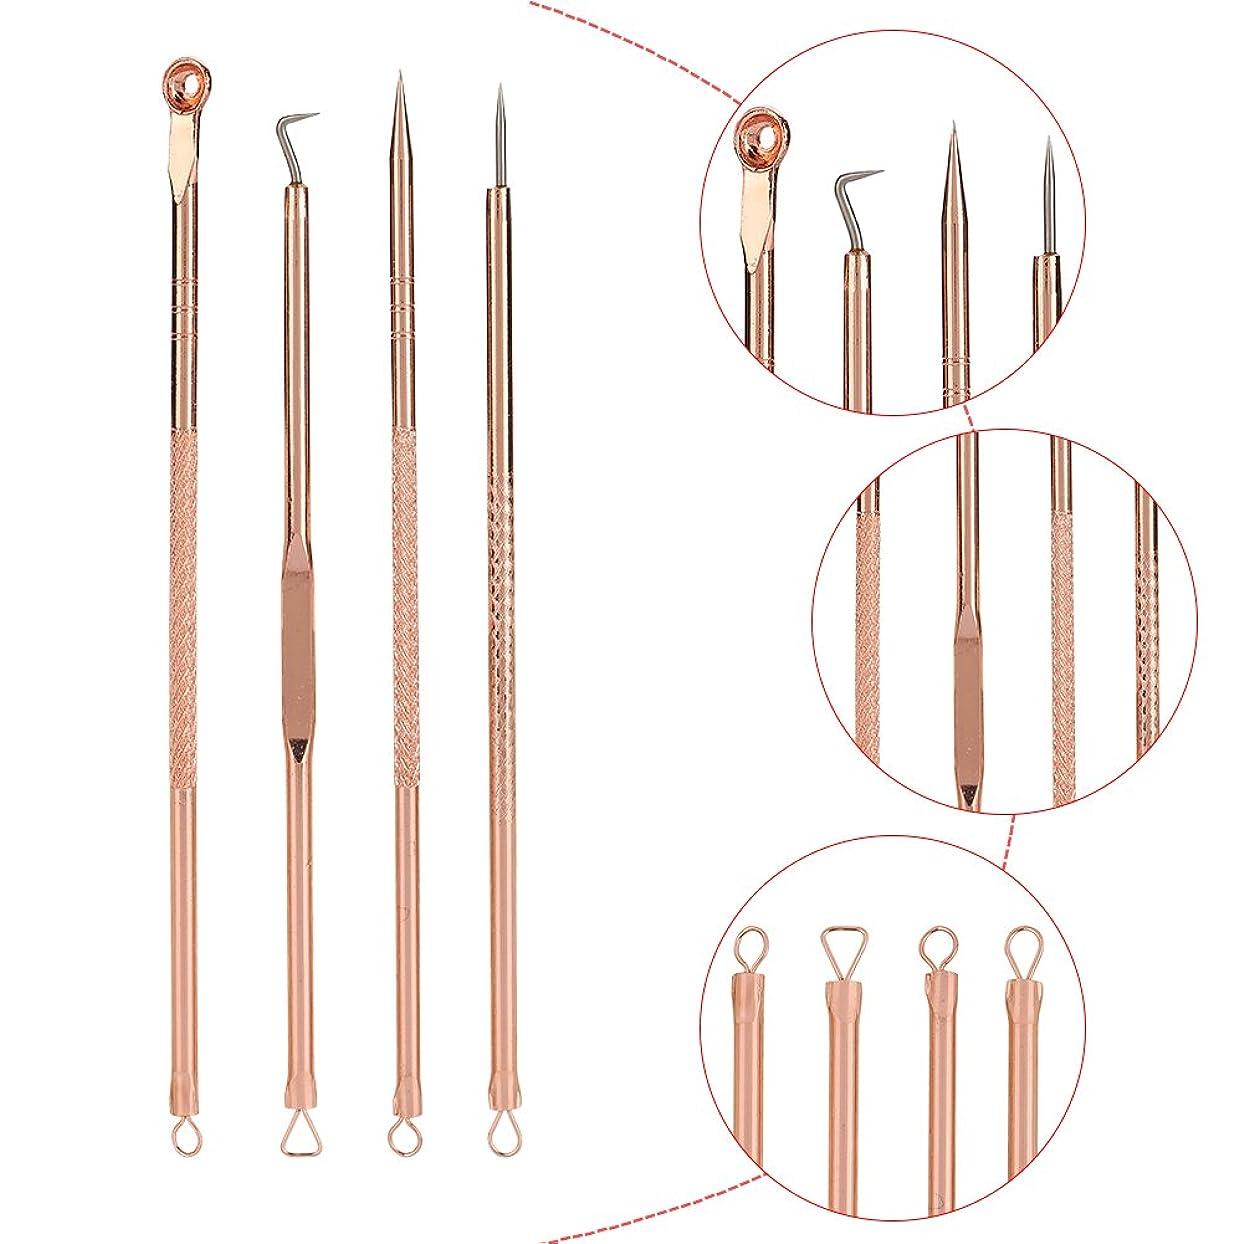 予見する理論鍔4PCSブラックヘッド抽出器 - ブラックポイントのステンレス鋼コメドーンブラックヘッドプーラープロフェッショナル抽出 - ケース付きブラック/ホワイトポイント/ニキビボタン/ボタン